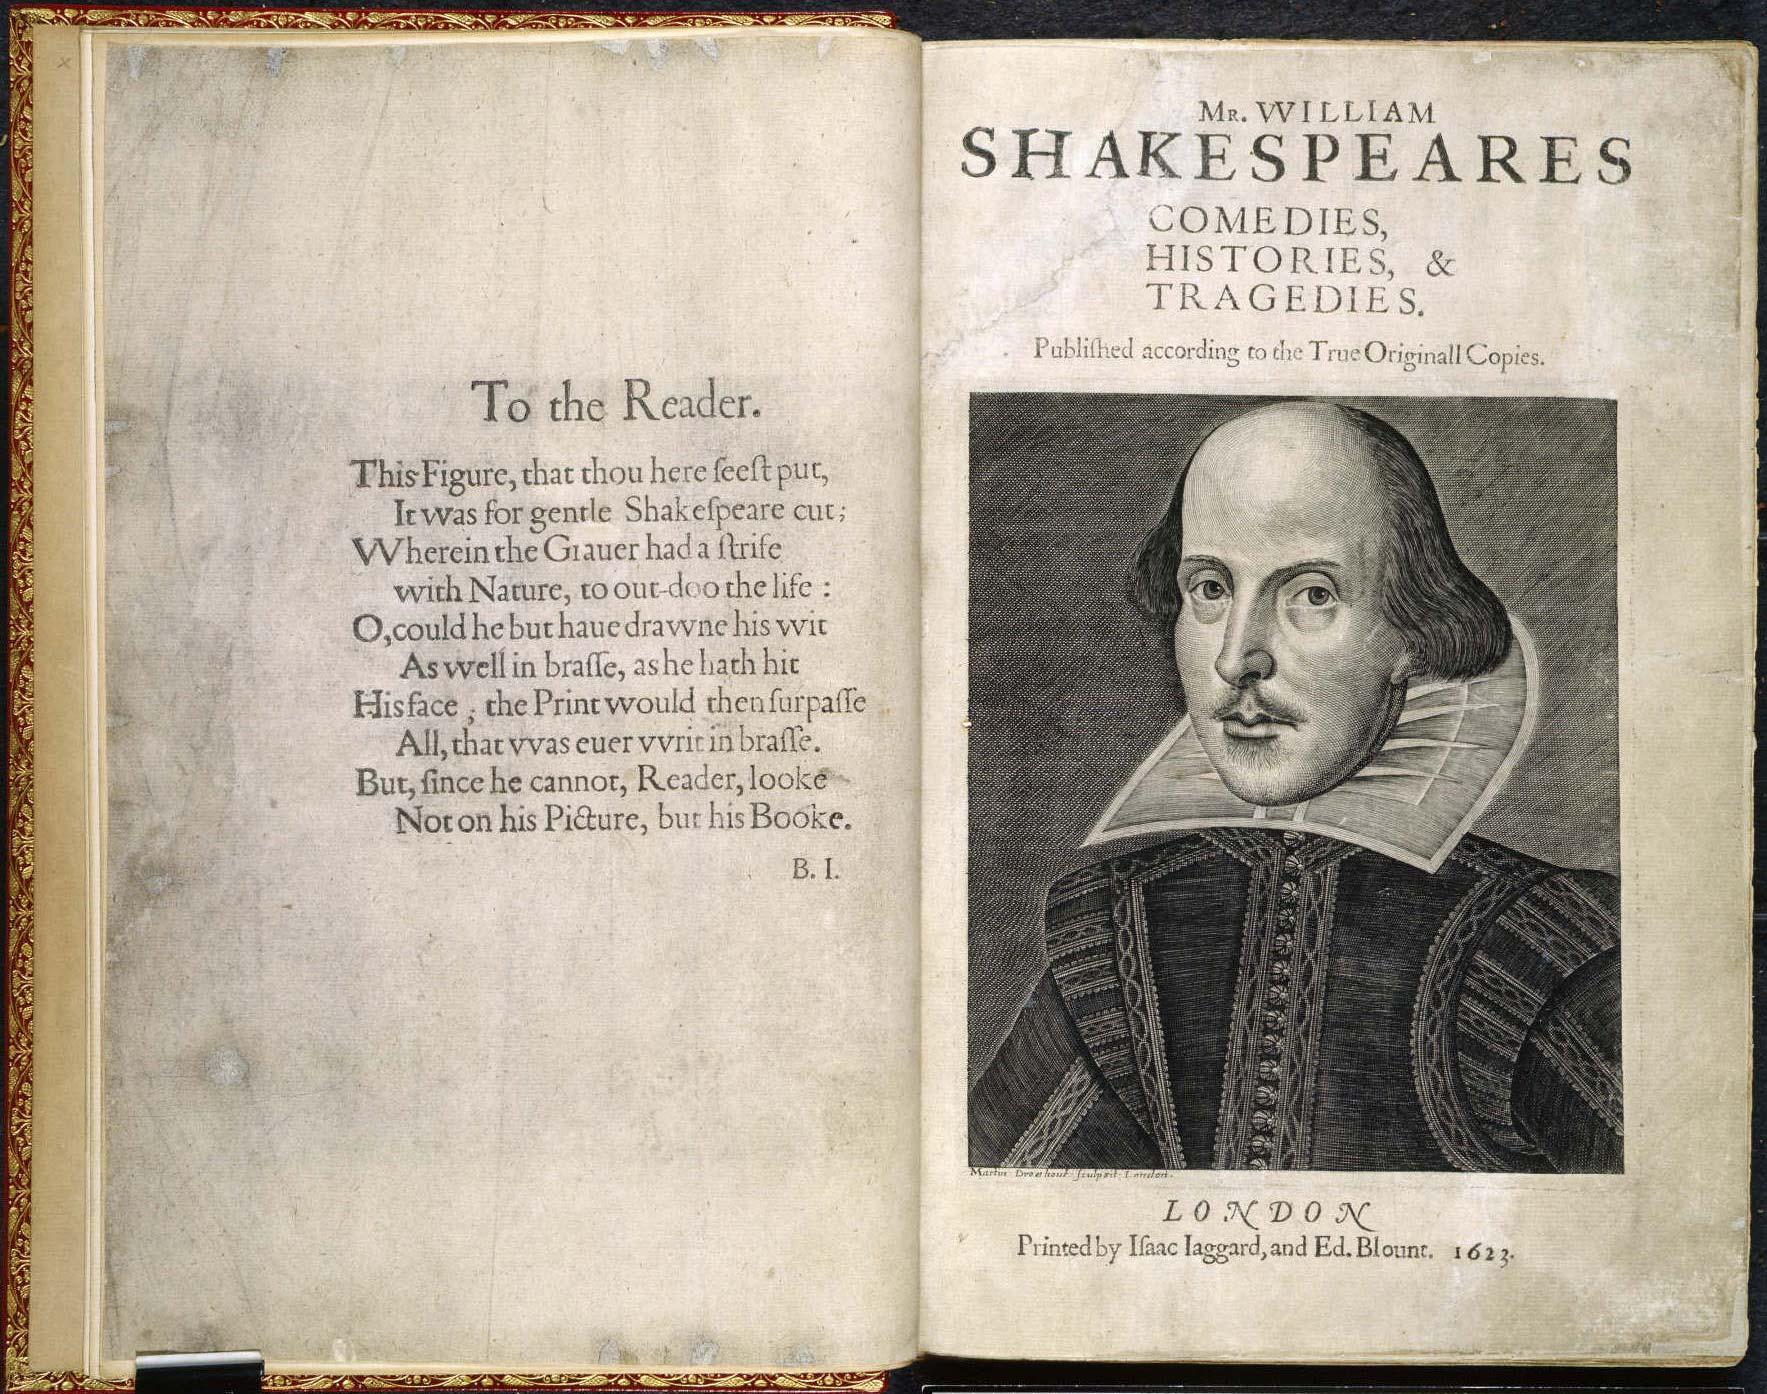 I quattro uomini che hanno salvato Shakespeare